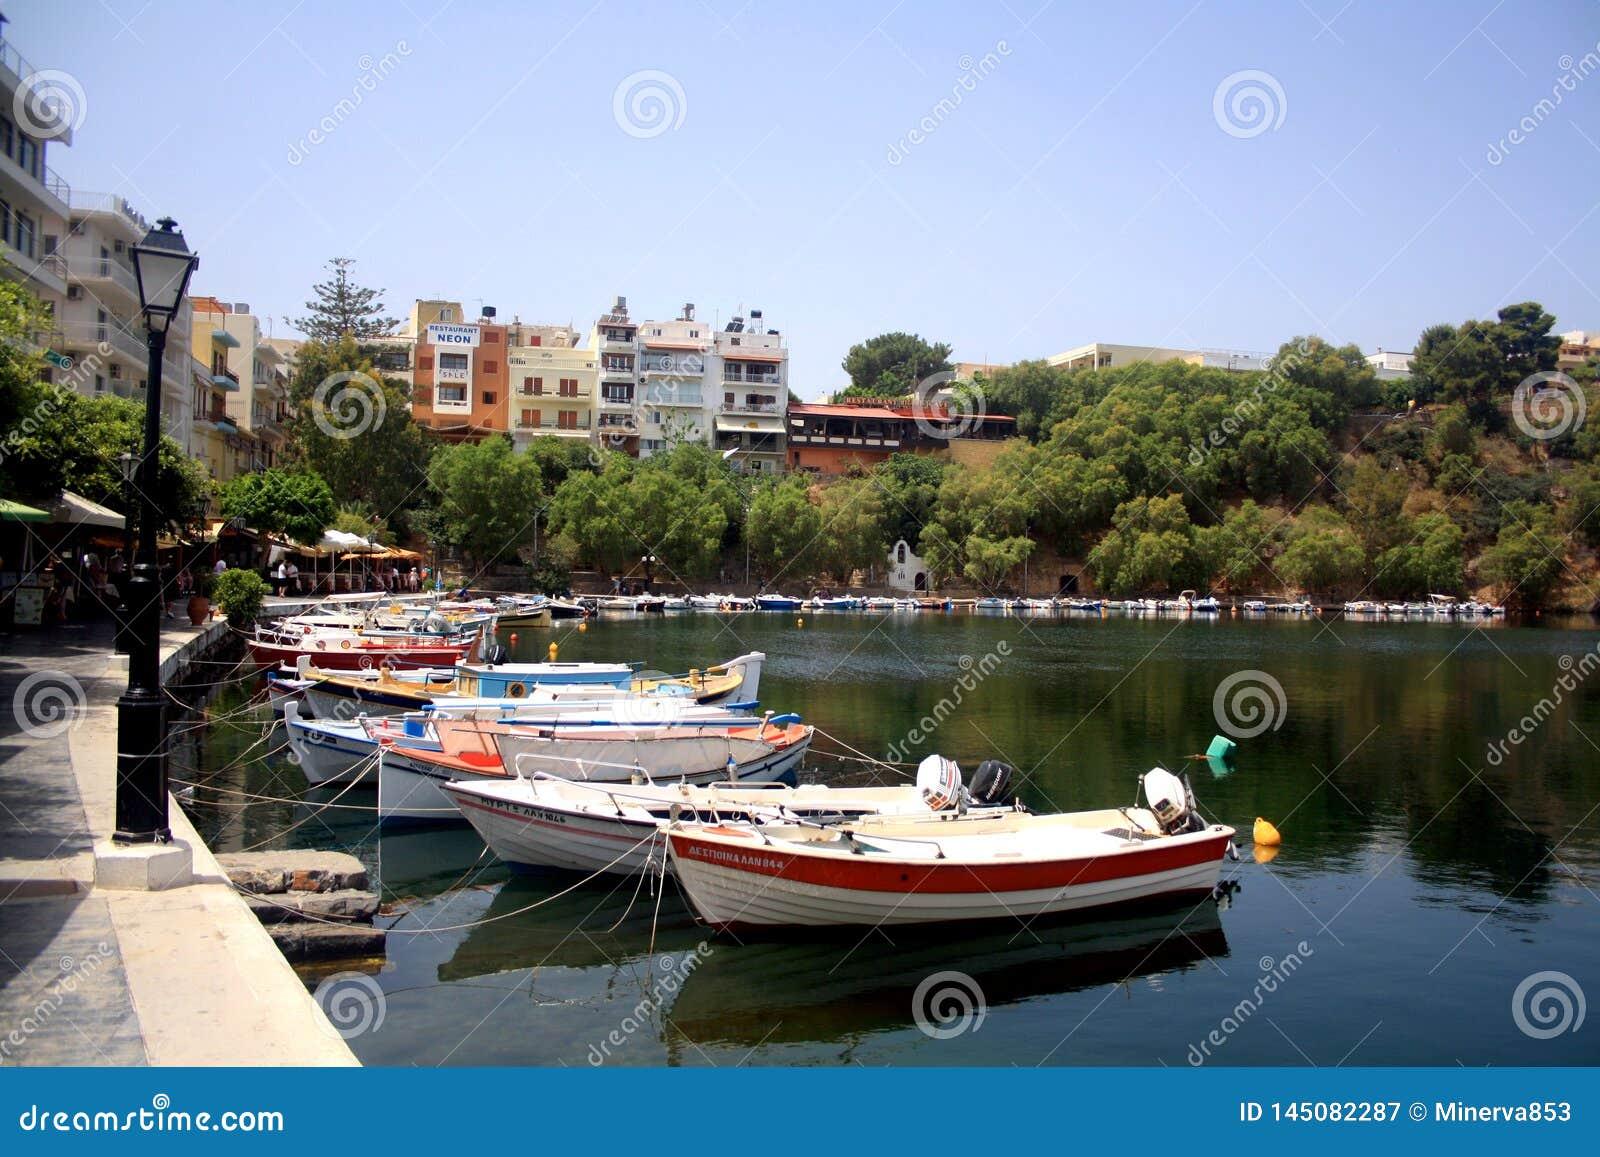 Creta, Grécia - 21 de maio: Grécia, Creta Lago Vulismeni no centro de Agios Nikolaos com barcos de motor